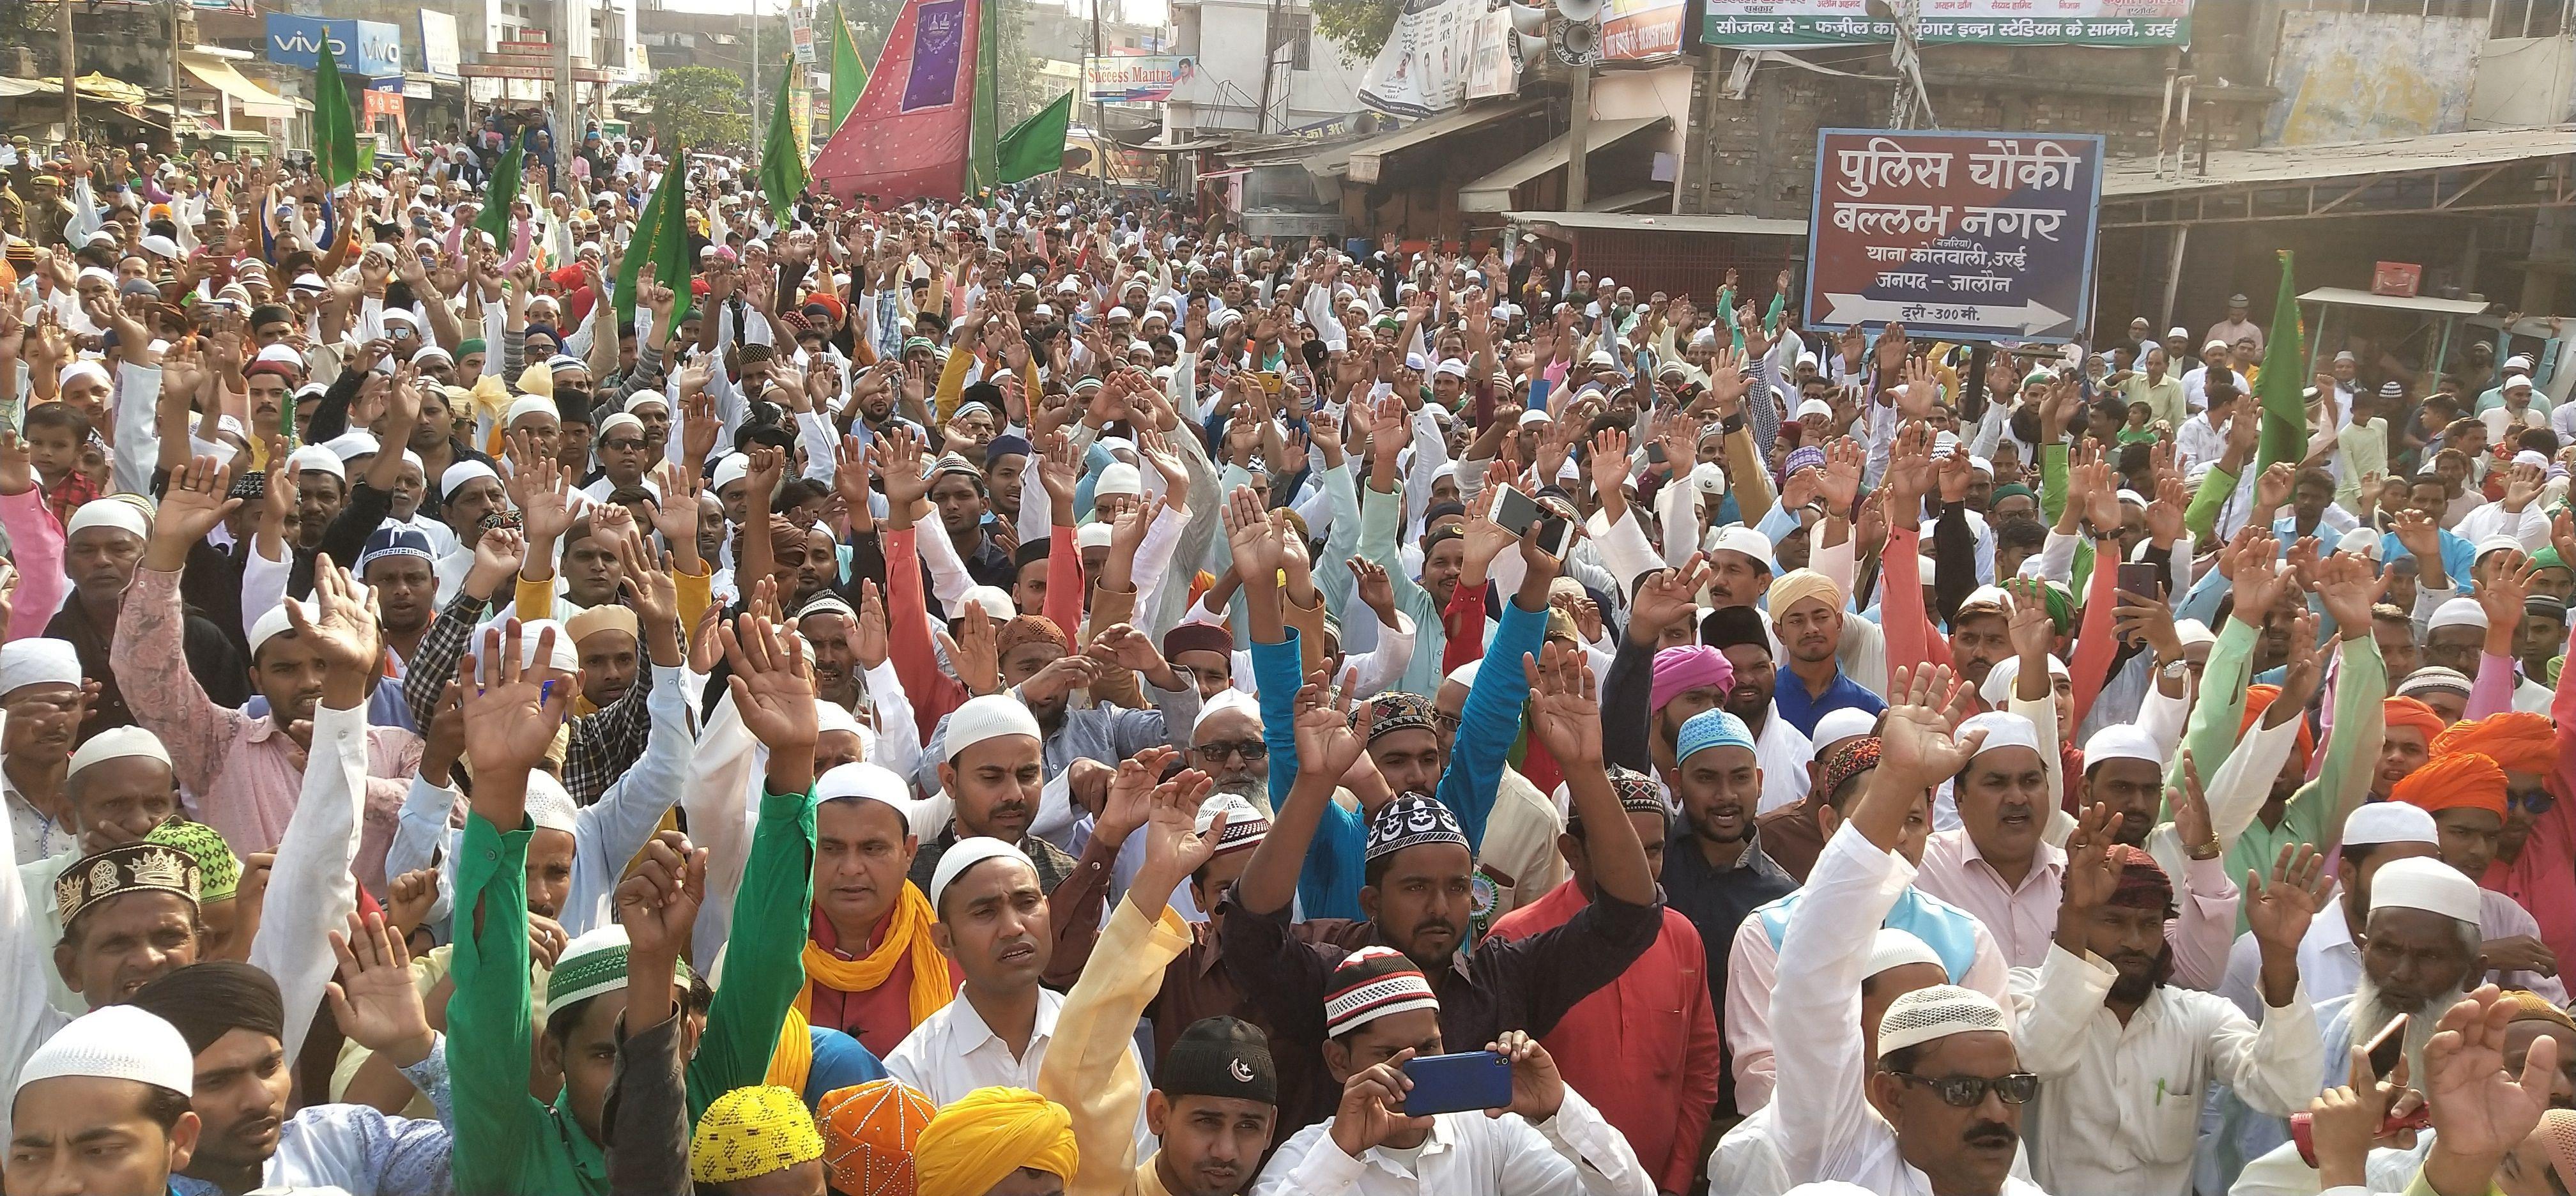 शहीद भगत सिंह चौराहा पर तकरीर सुनते मुस्लिम समुदाय के लोग